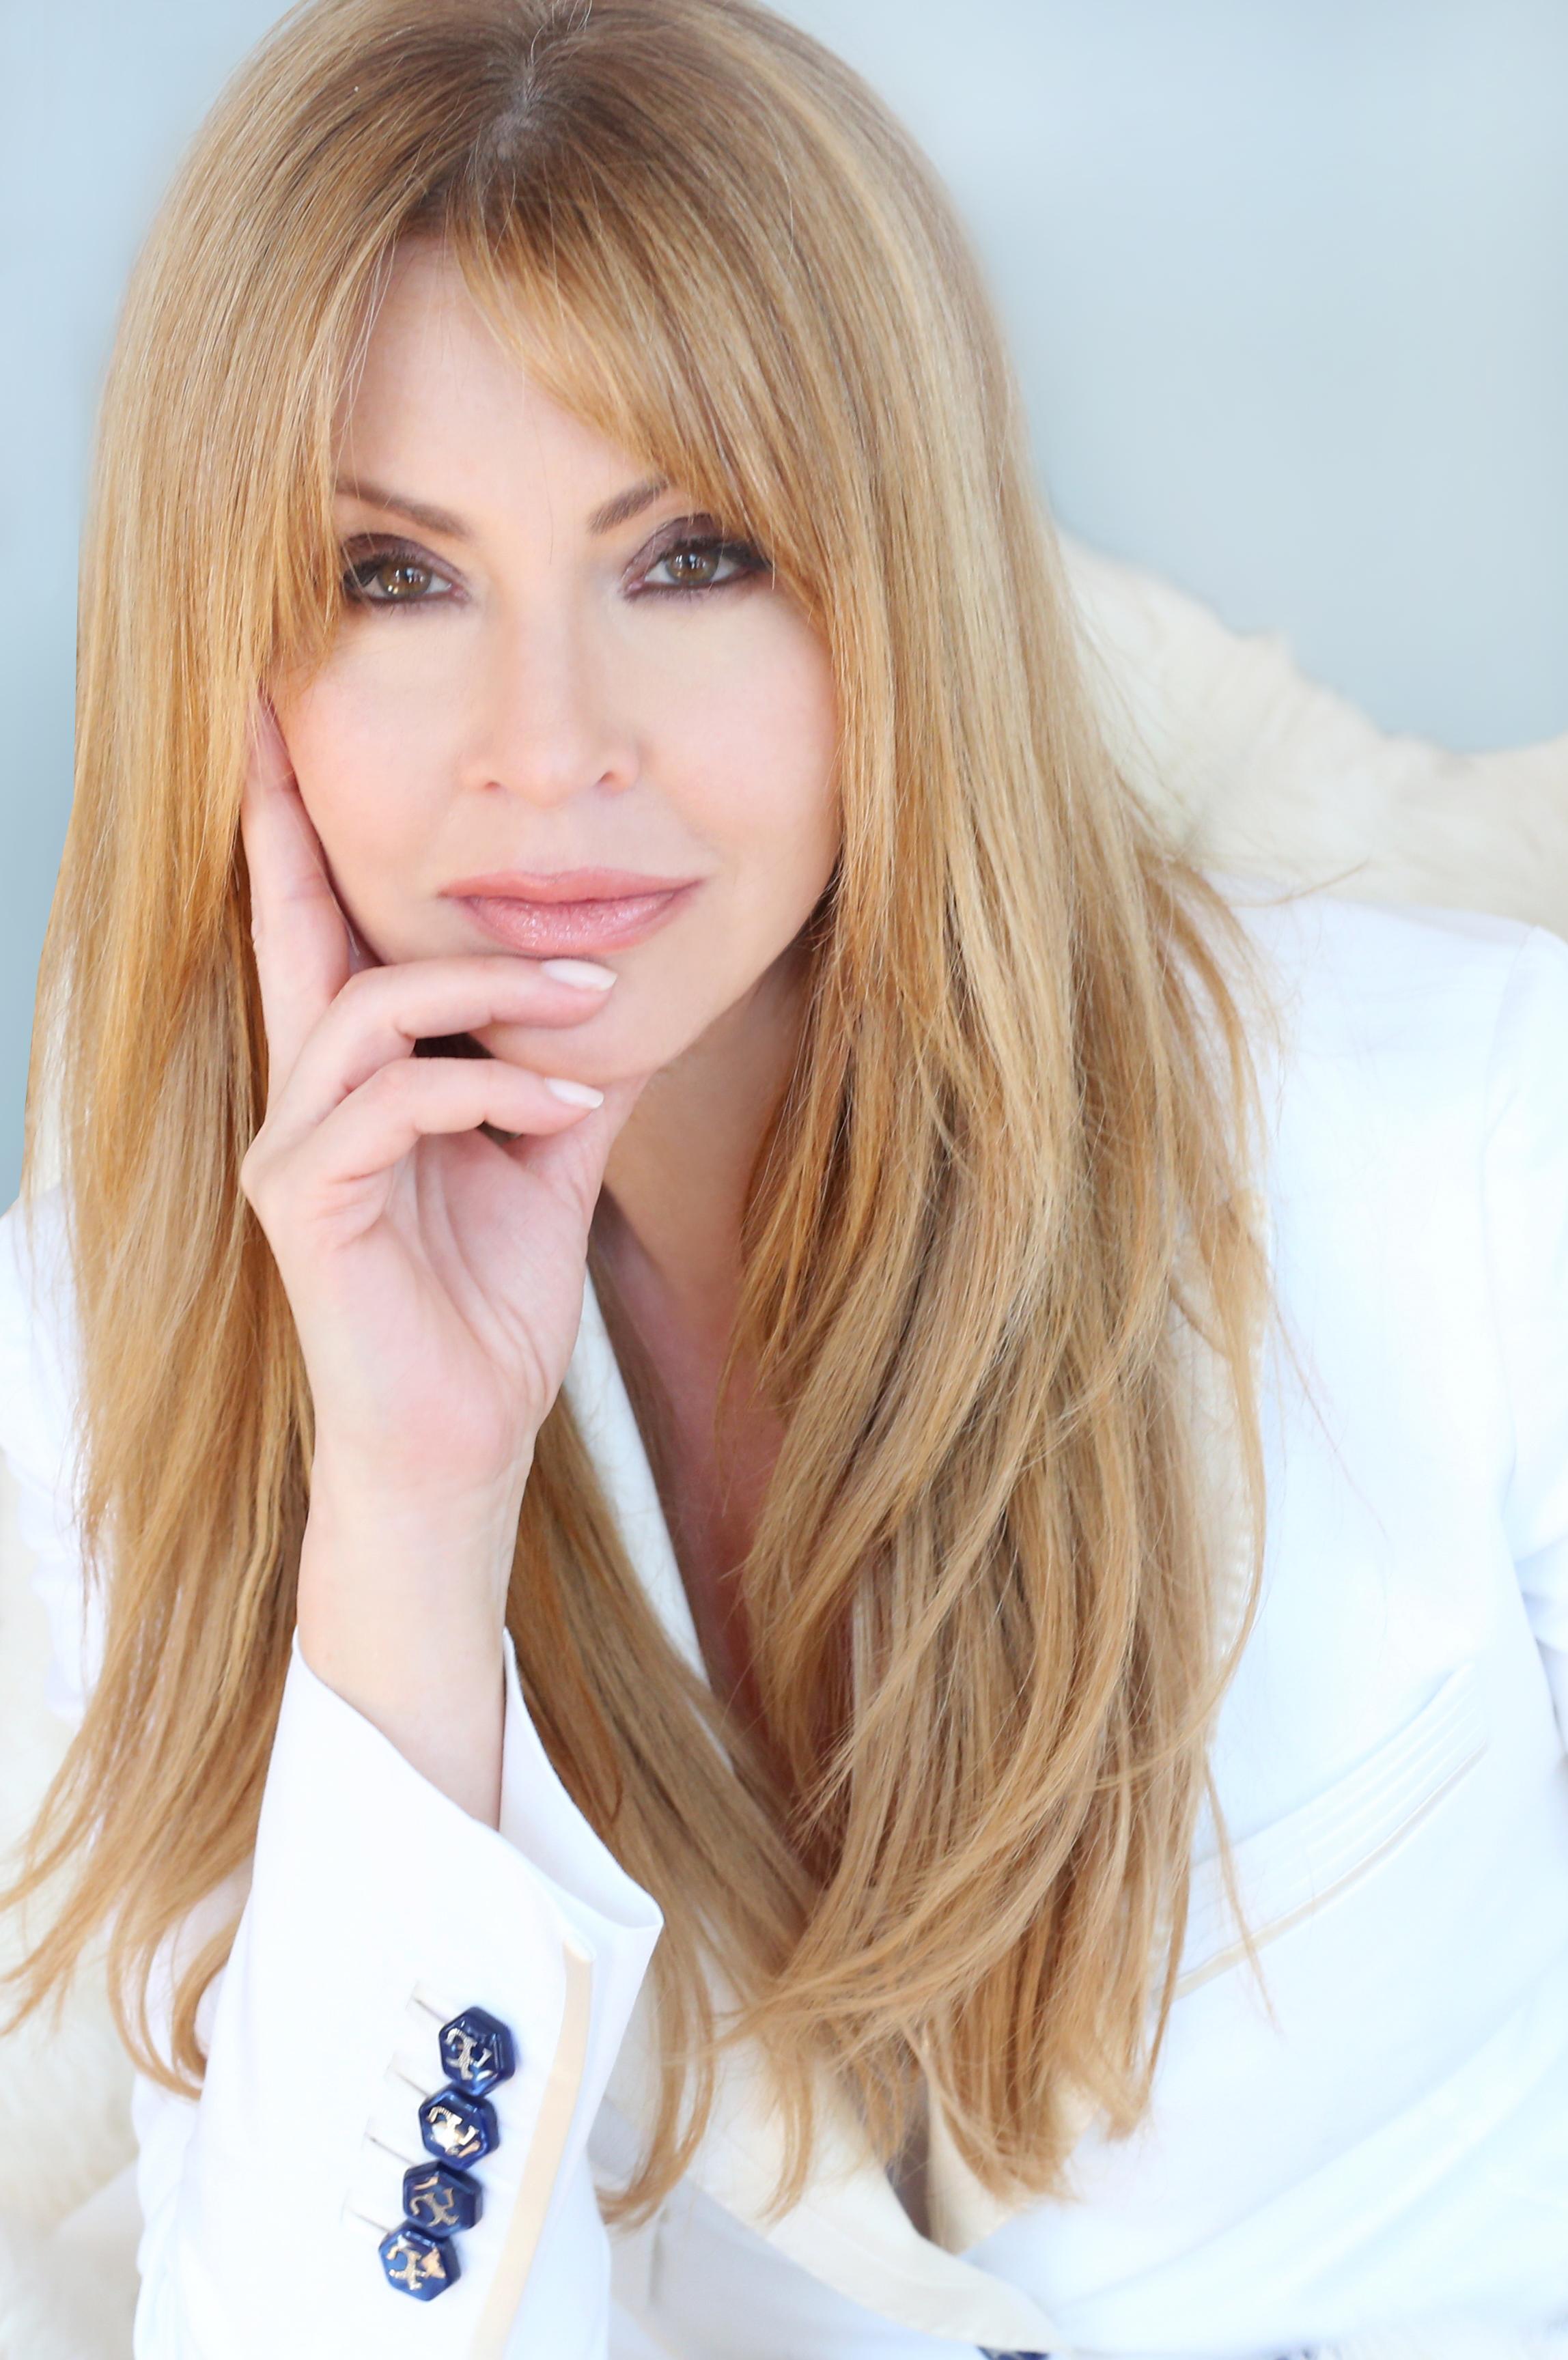 Evie Evangelou